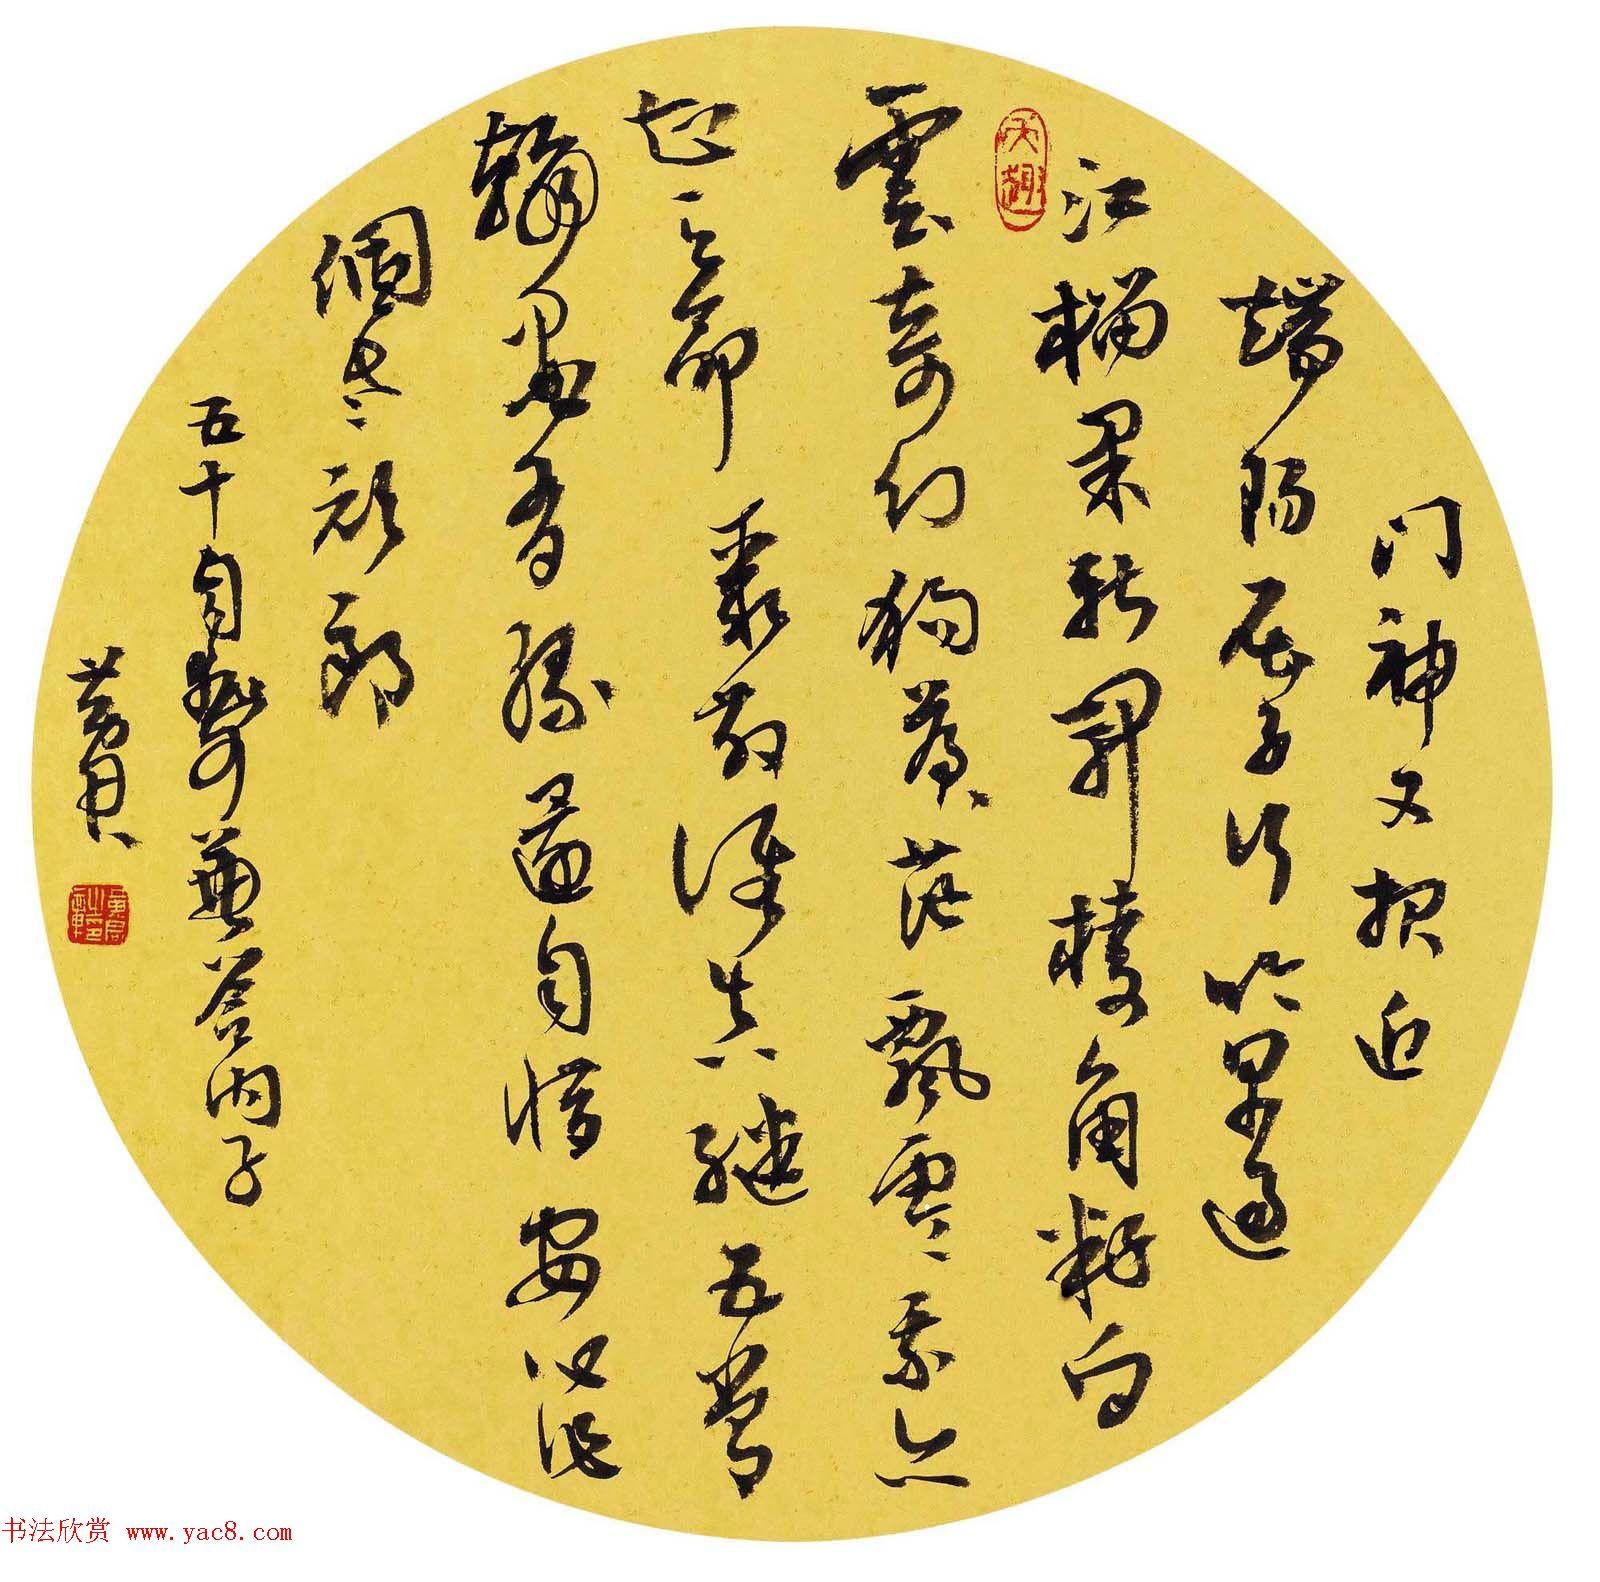 当代著名书法家黄君草书作品欣赏图片